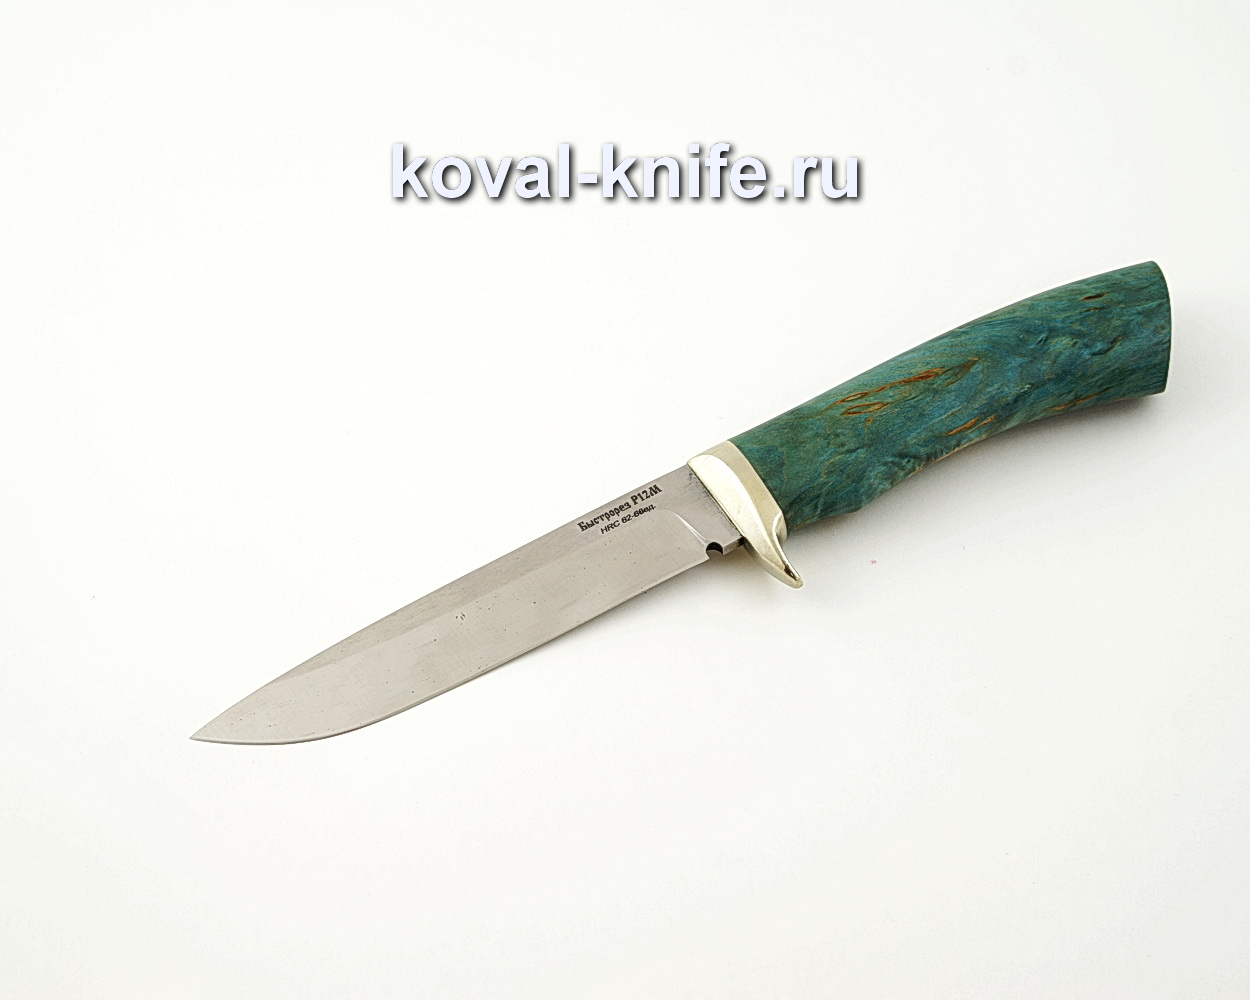 Нож Турист из стали Р12М с рукоятью из стабилизированной карельской березы, гарда мельхиор A521